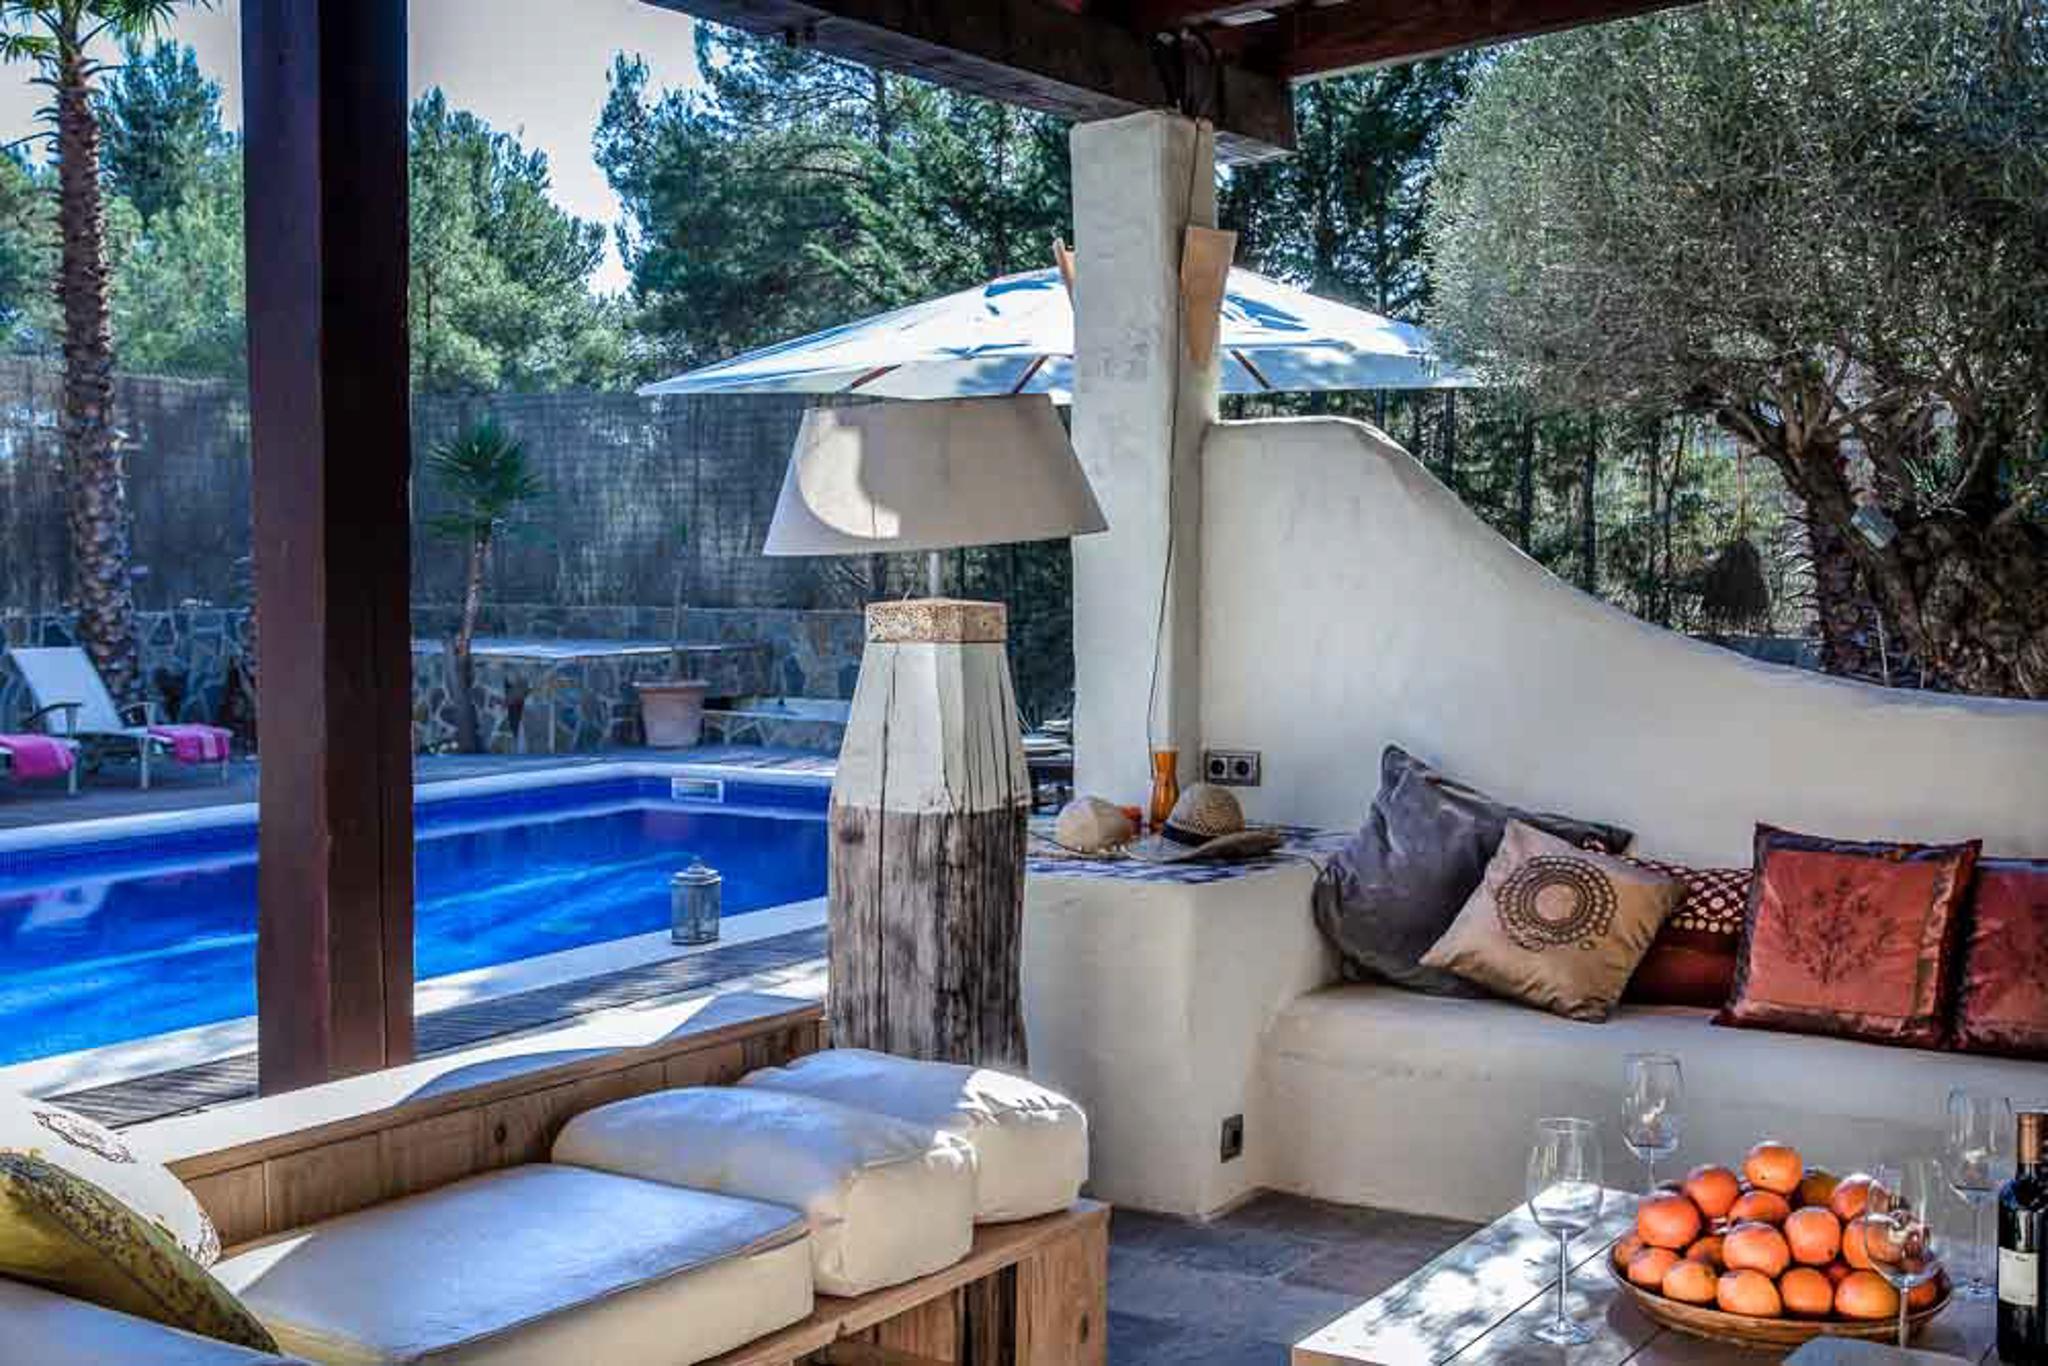 Ferienhaus Villa Palmera, Paradies in der Nhe von Barcelona, luxurise Villa fr 22 Personen (2379177), Olivella, Costa del Garraf, Katalonien, Spanien, Bild 25